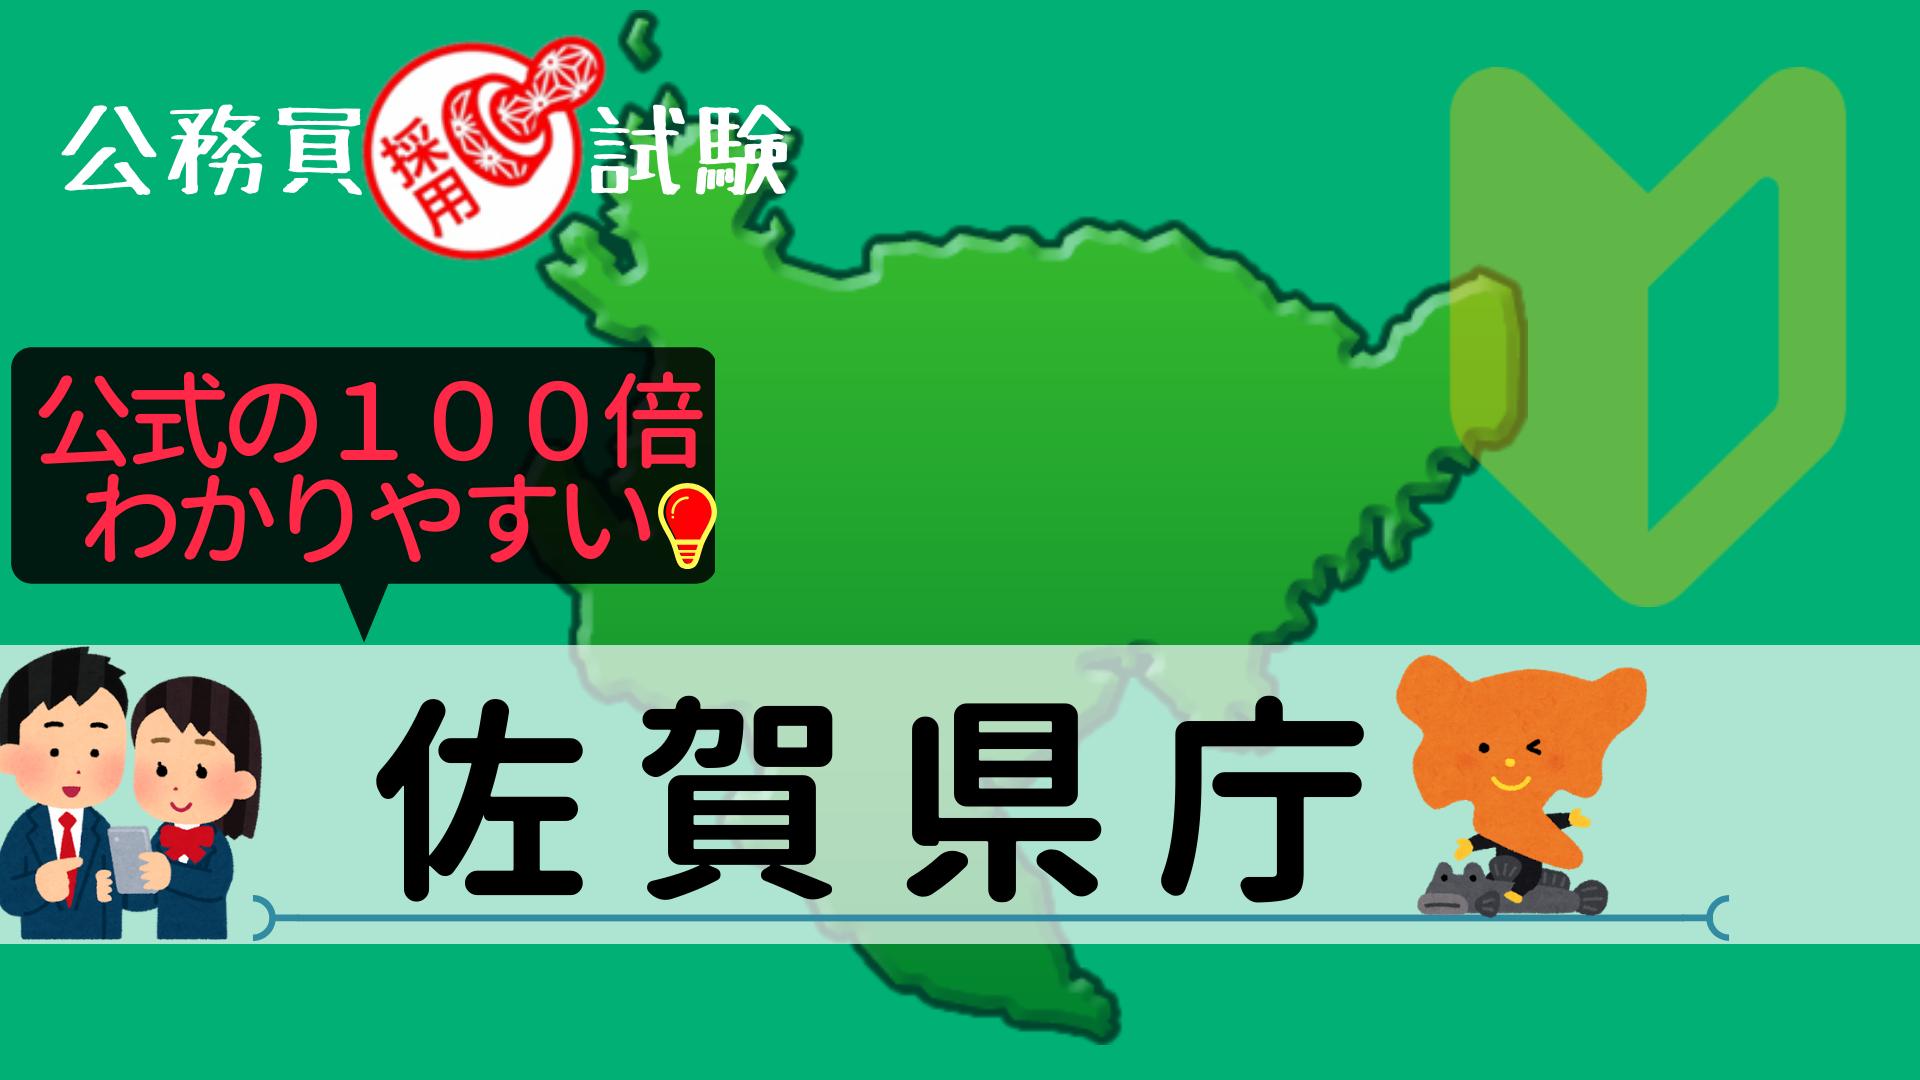 佐賀県庁の公務員採用試験について